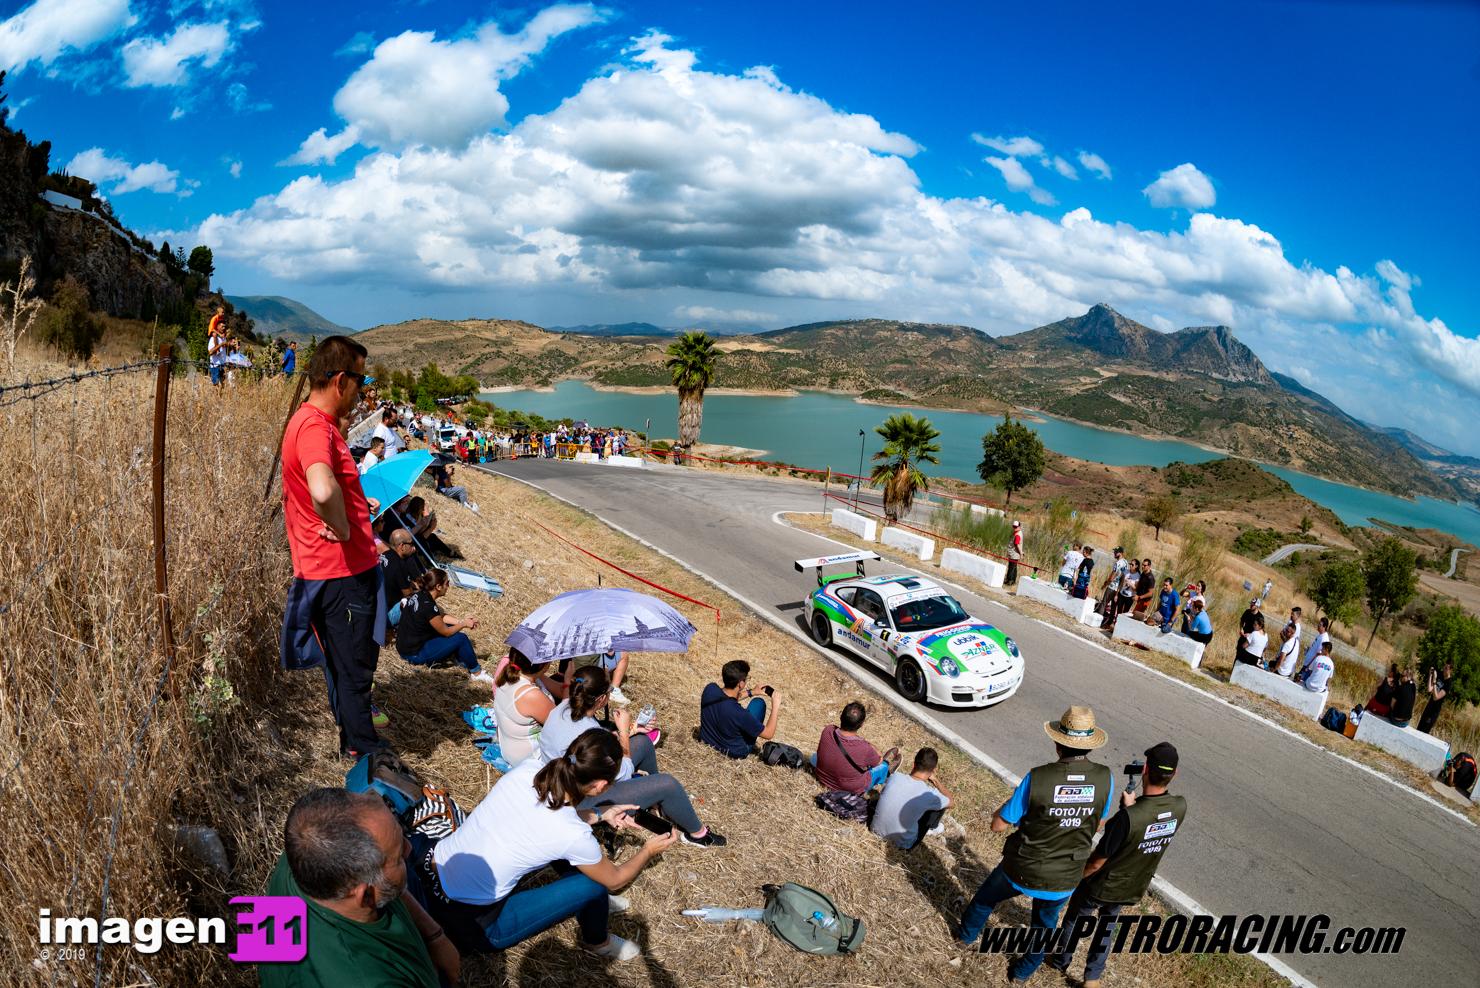 Jose Antonio Aznar, Porsche 911 GT3 Cup Rallye, Rallye Sierra de Cádiz, Campeonato de Andalucía de Rallyes